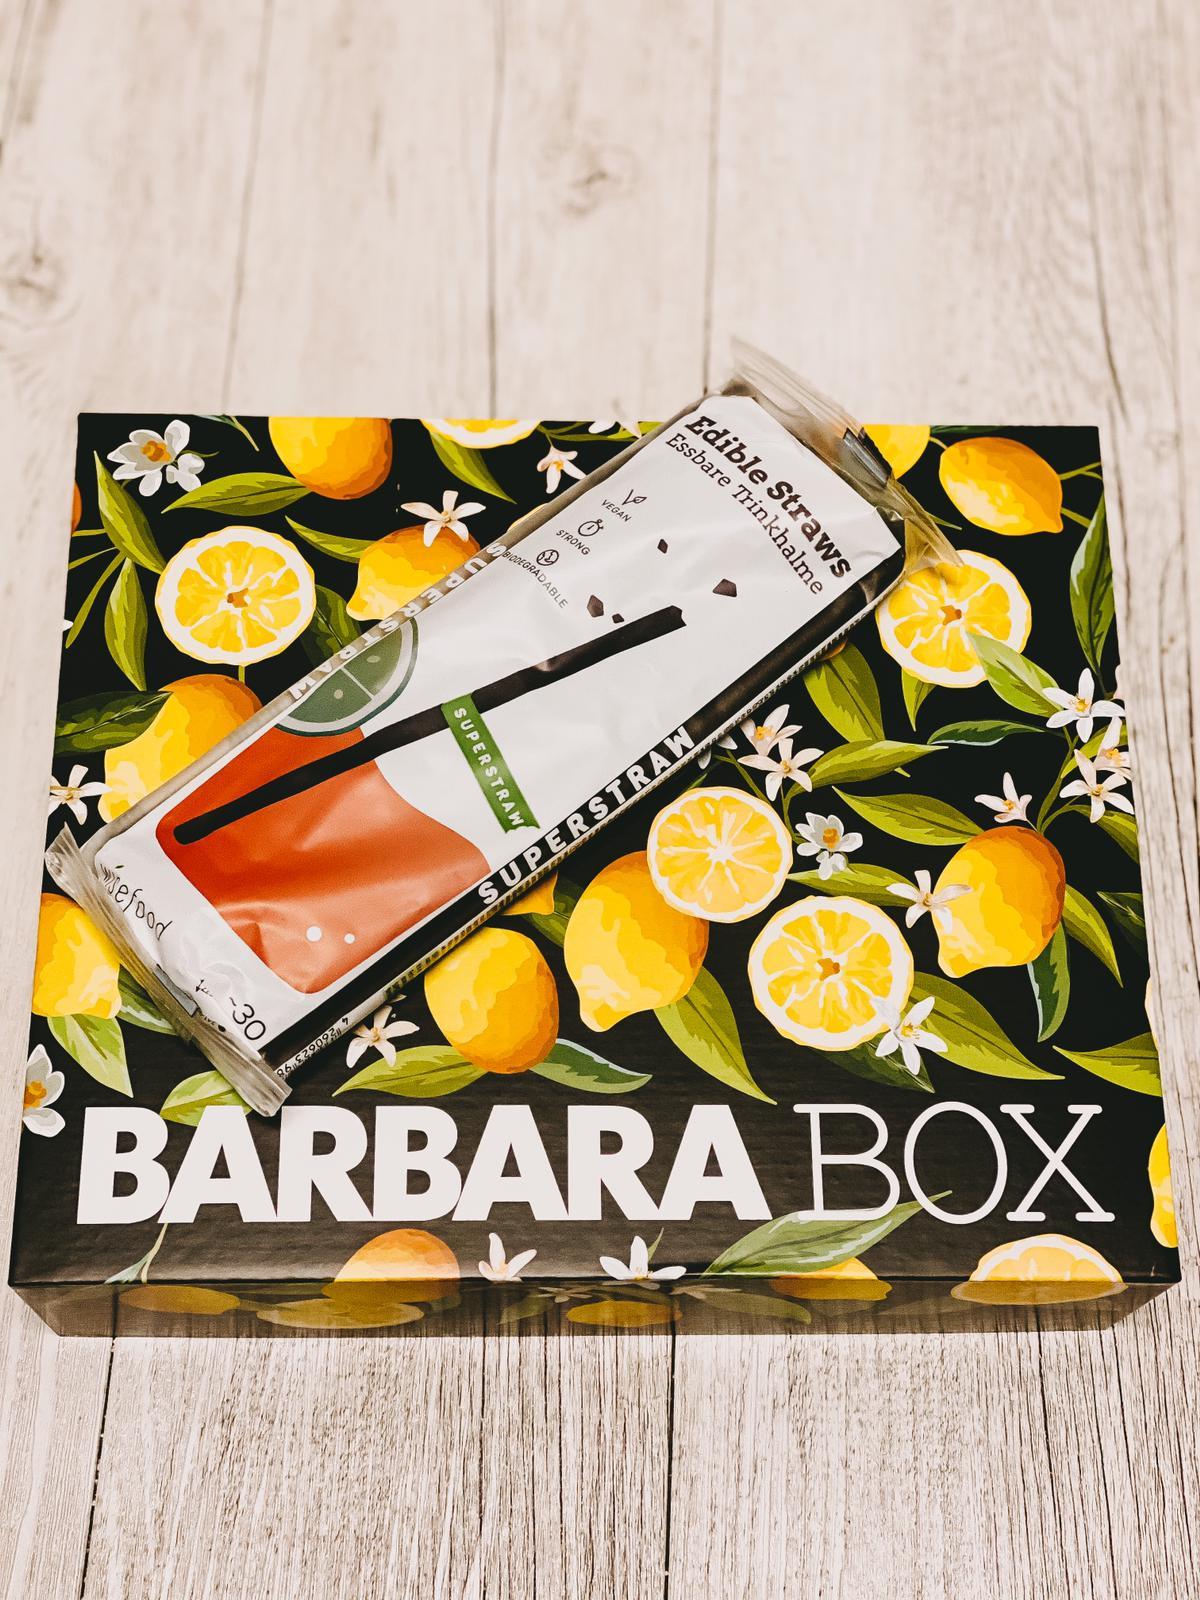 Barbara Box La Dolce Vita essbare Trinkhalme